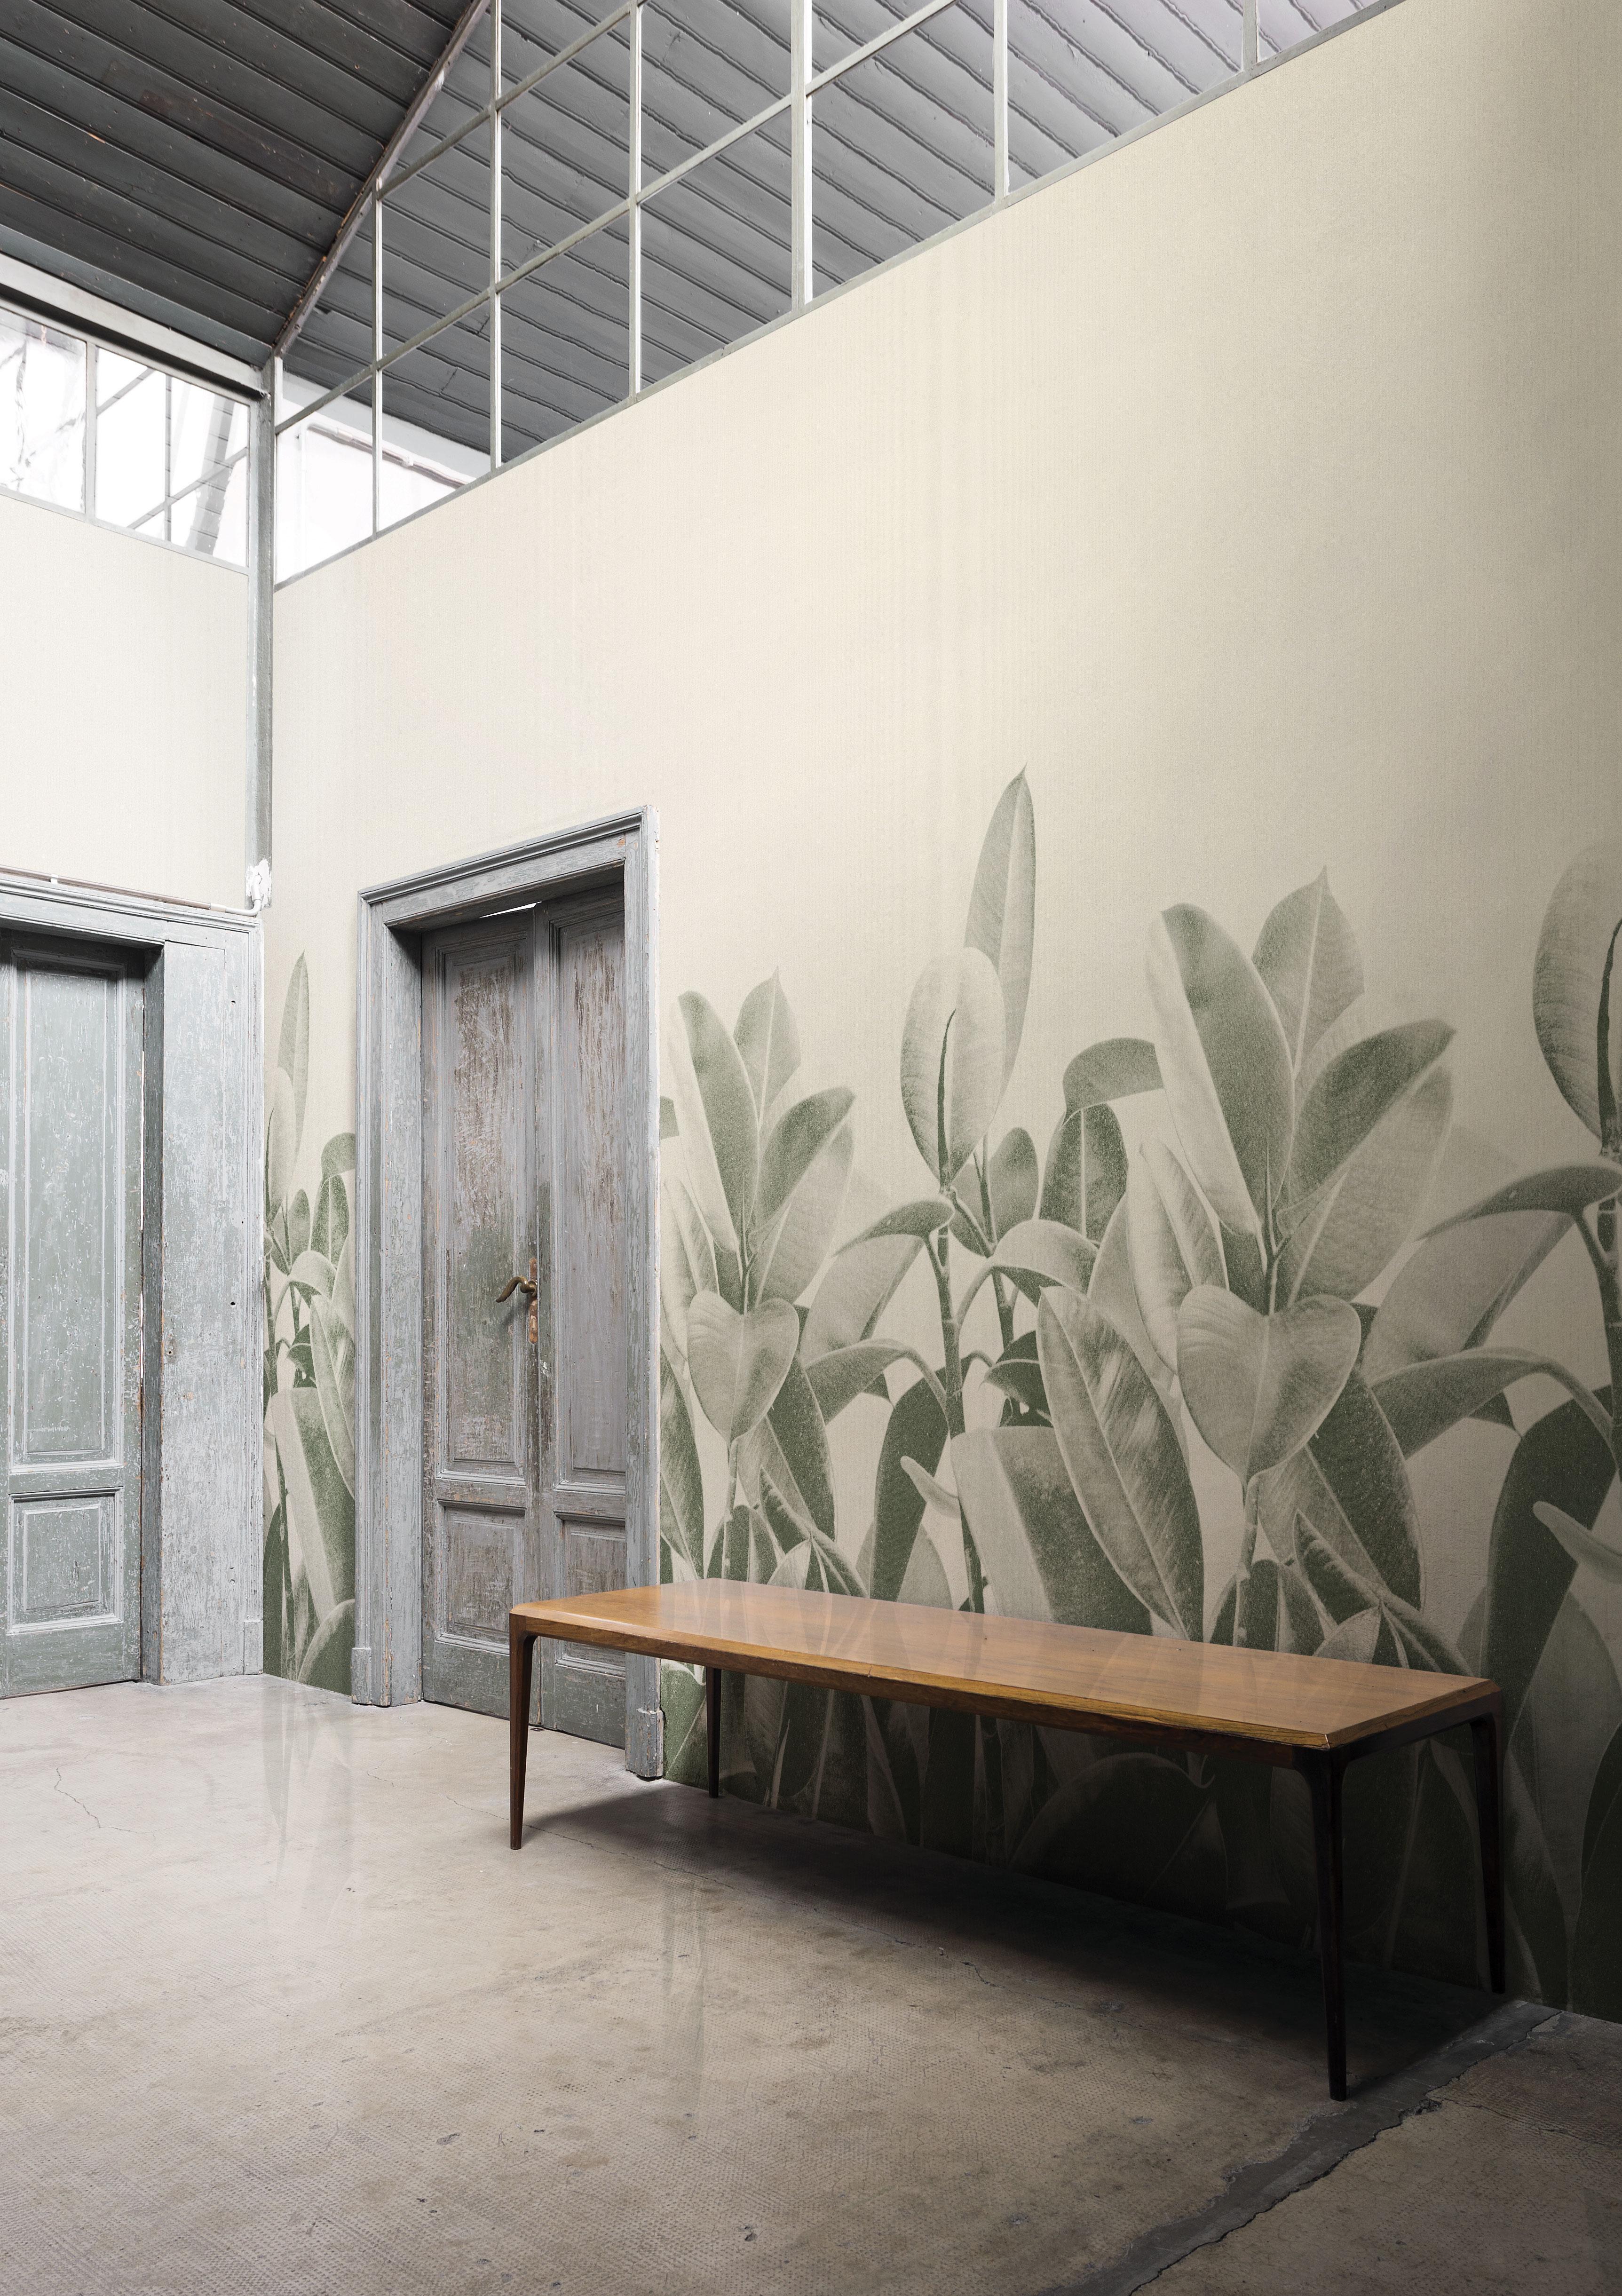 Londonart 18056 Rubber Plant - Francesca Besso